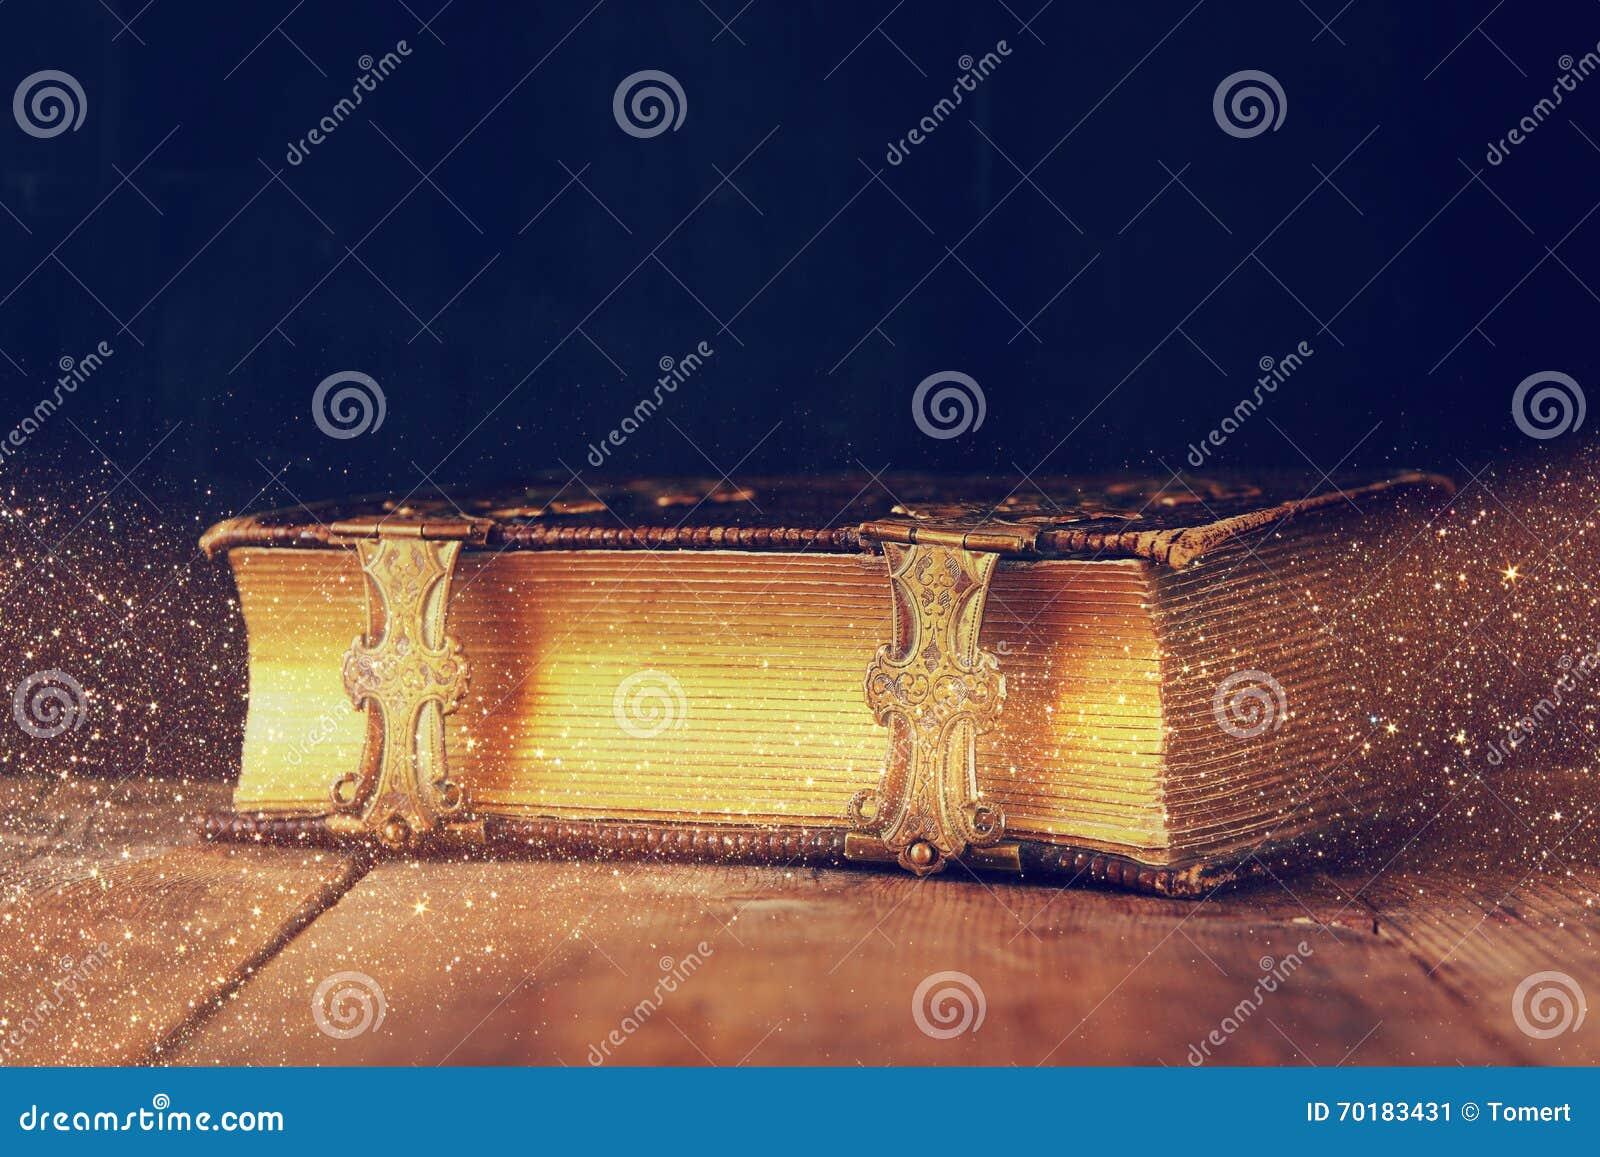 Låg nyckel- bild av den antika berättelseboken